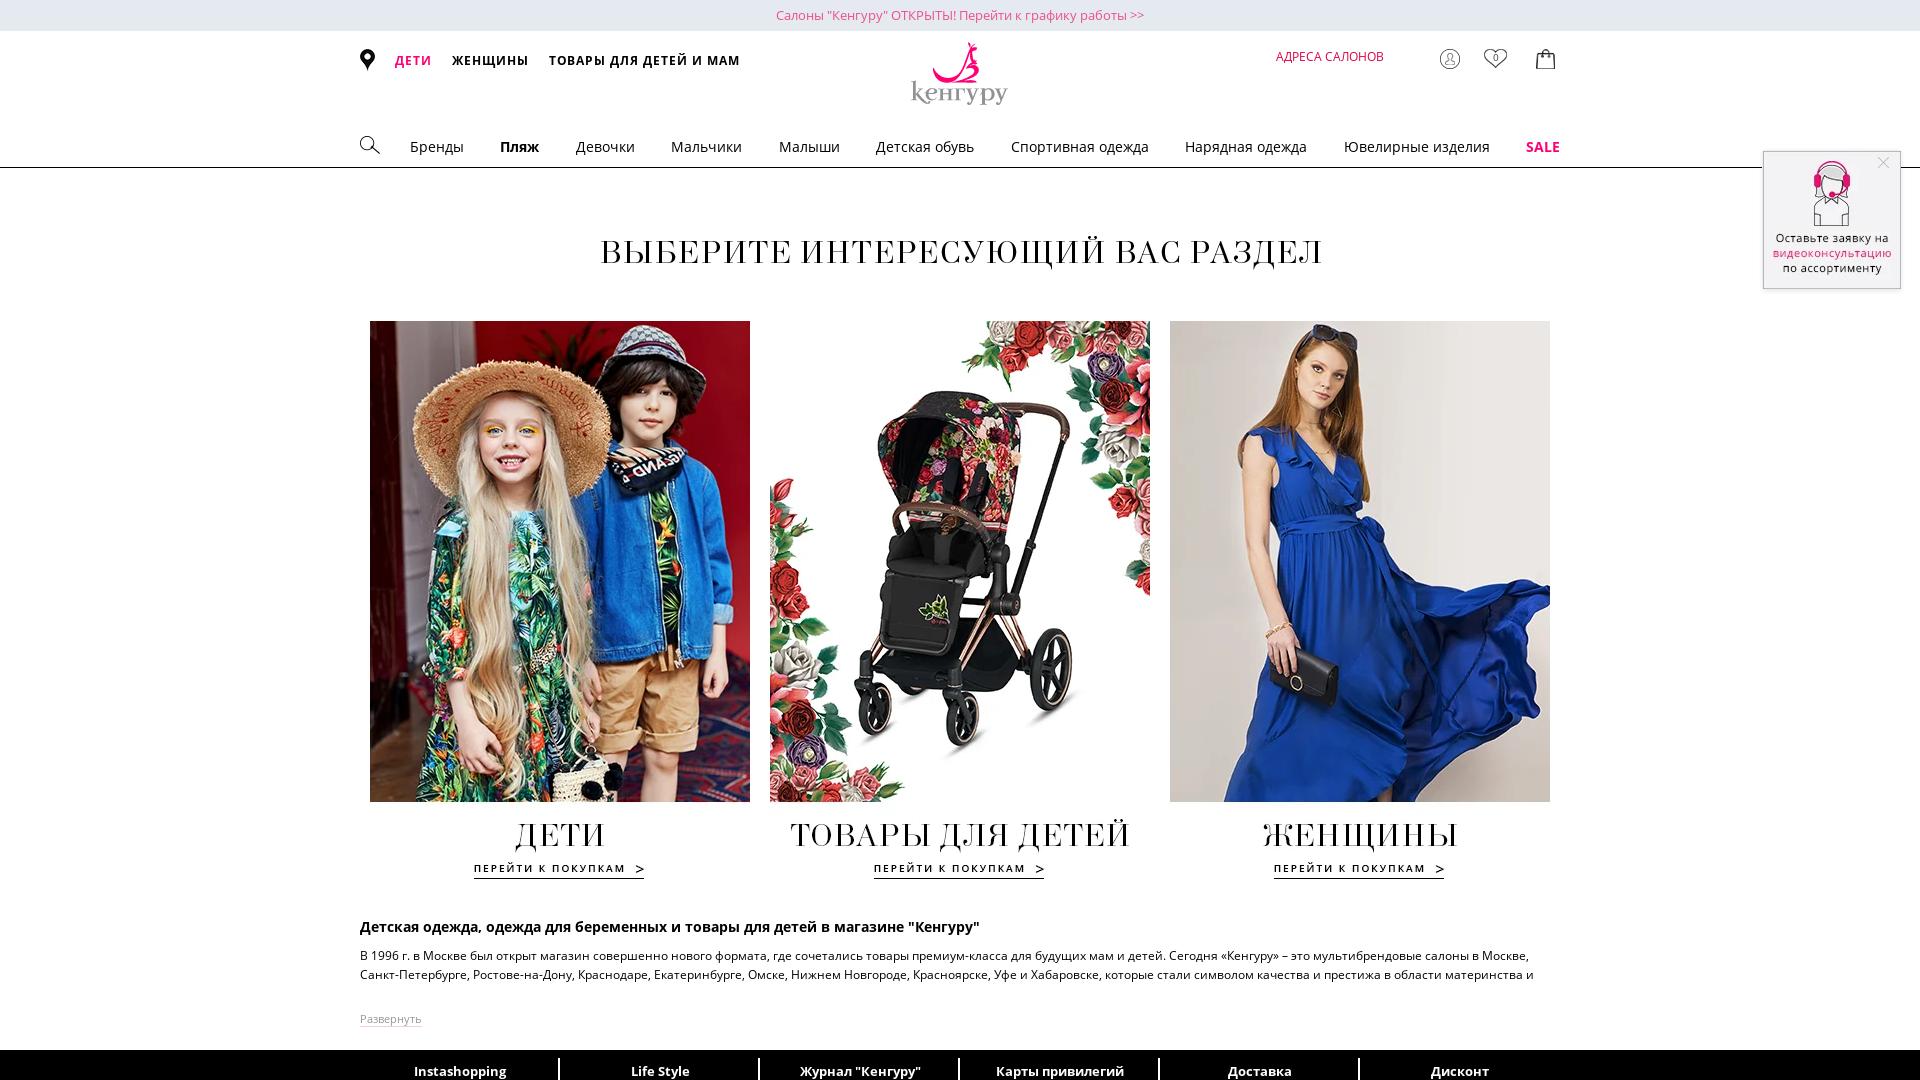 Кенгуру website